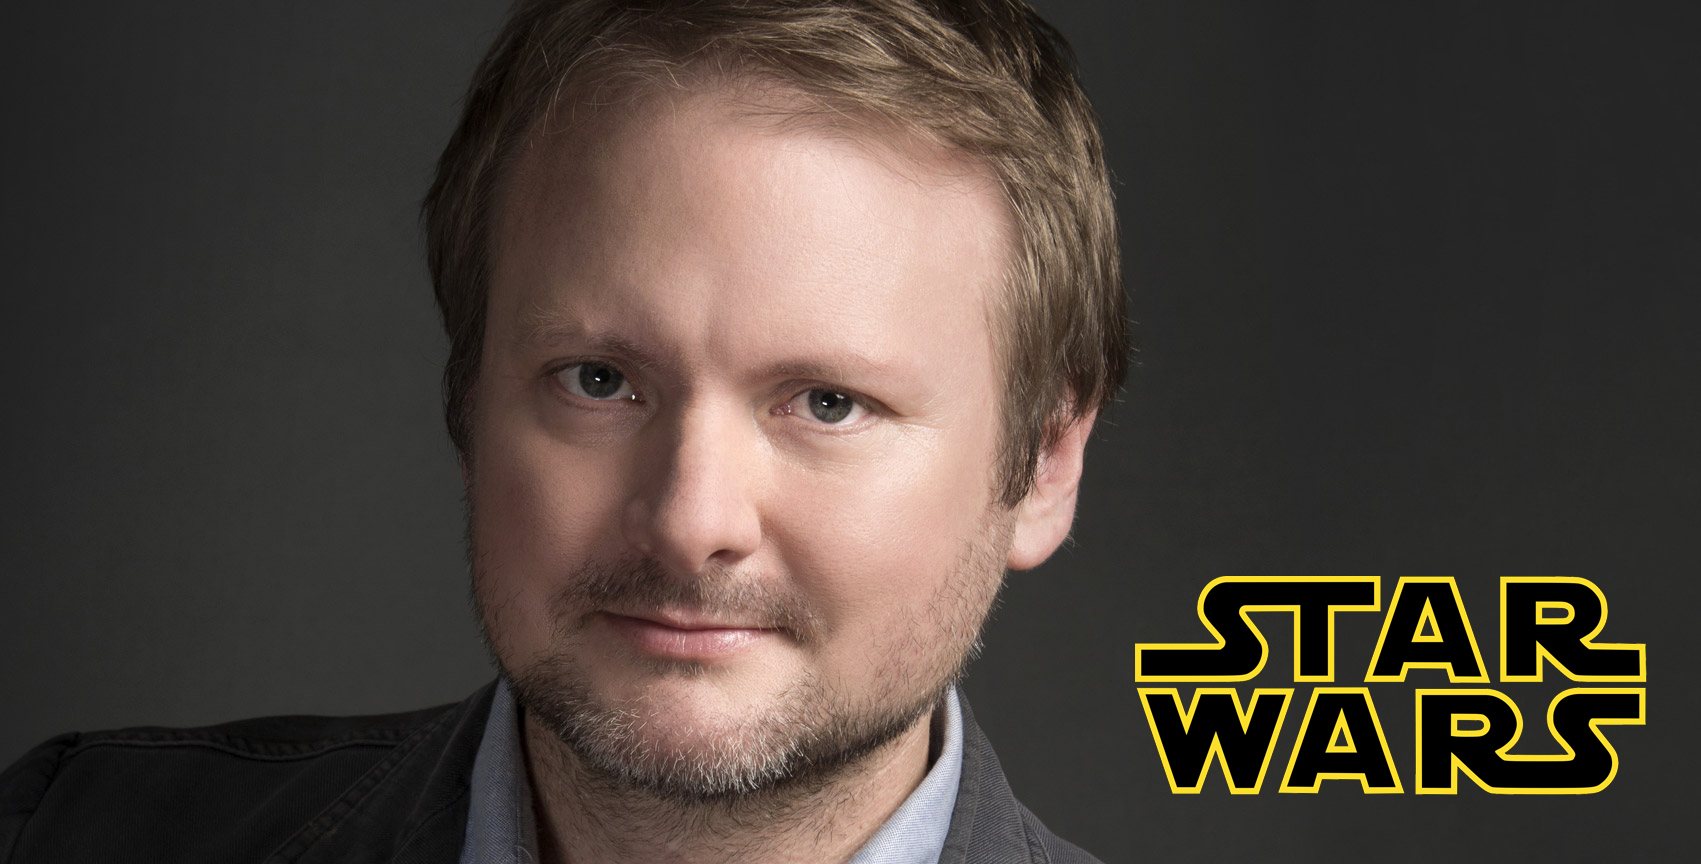 Star Wars Serisine Üç Film Daha Geliyor